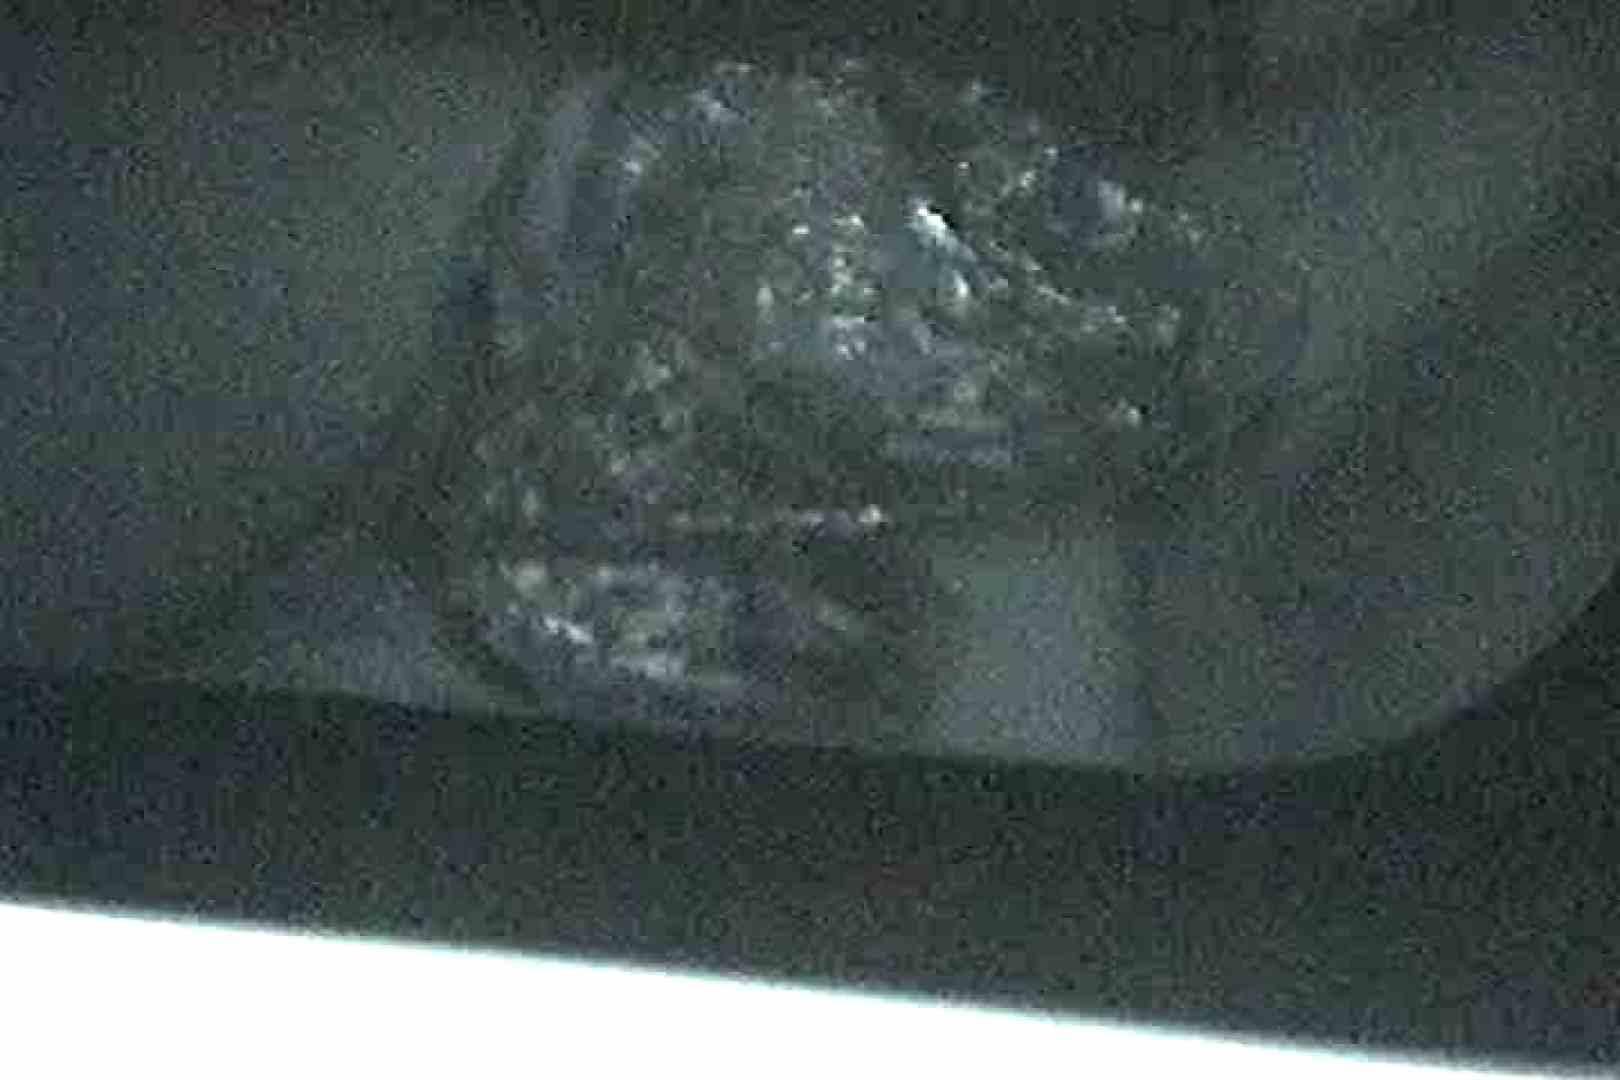 充血監督の深夜の運動会Vol.12 OLセックス 盗撮セックス無修正動画無料 65画像 2